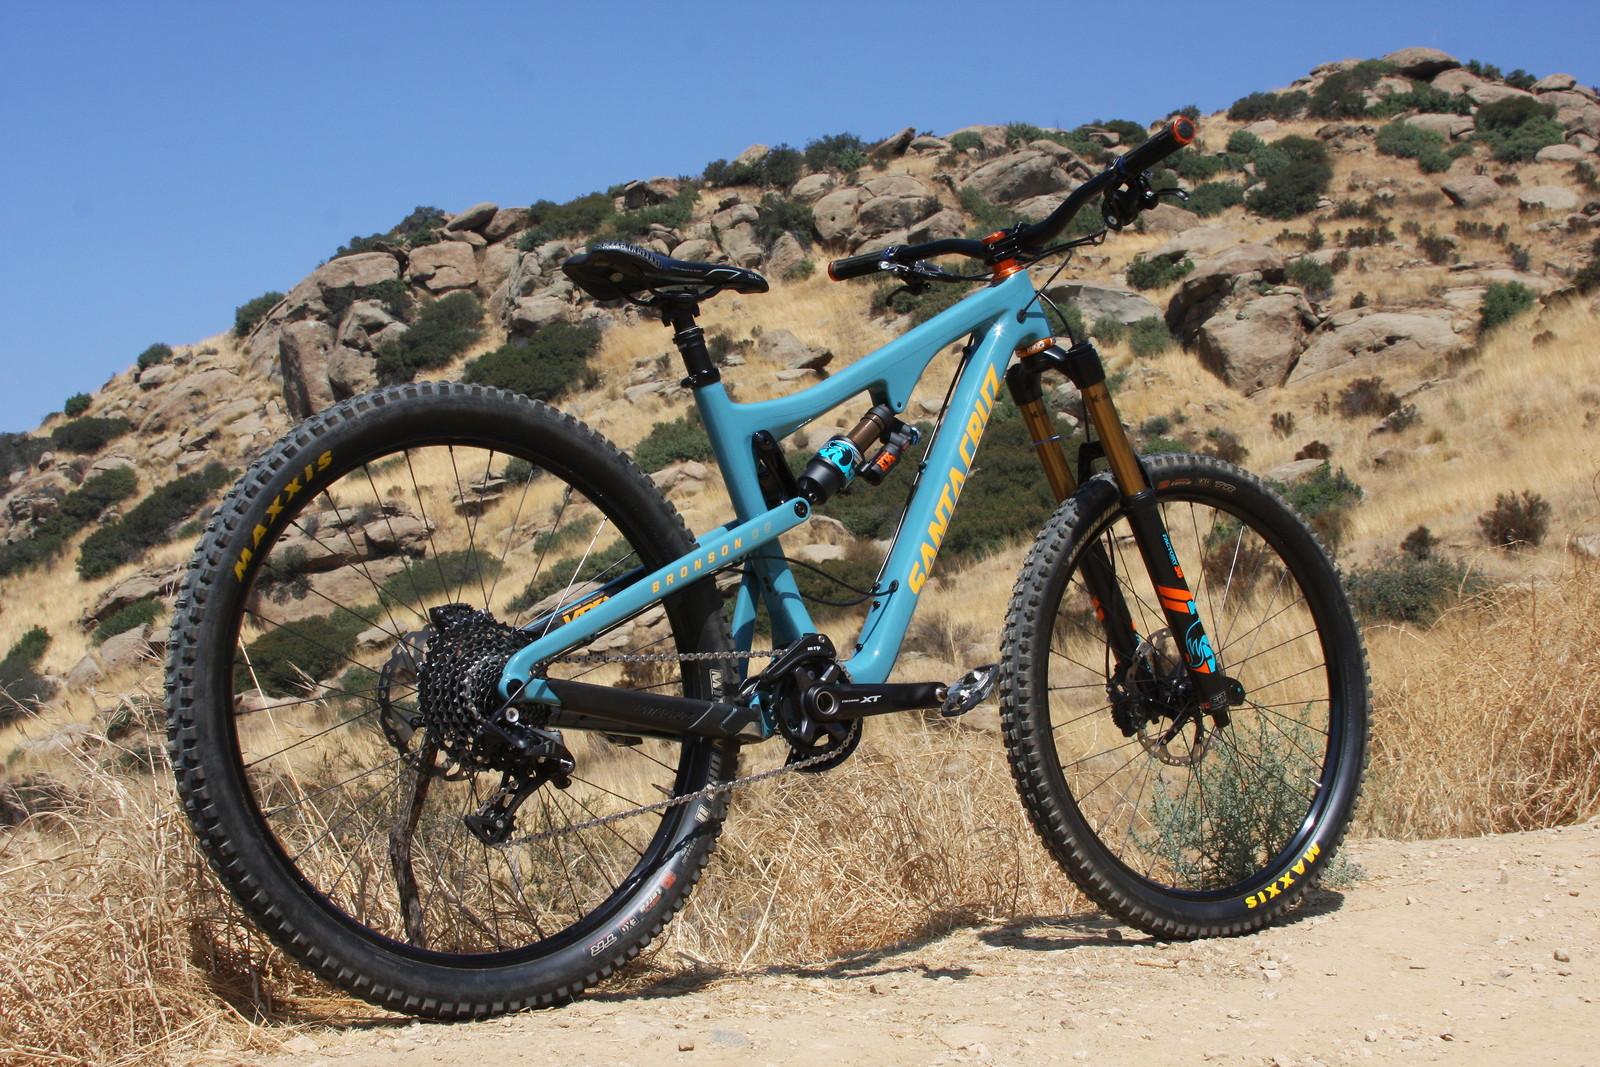 Santa Cruz Bronson 2 CC